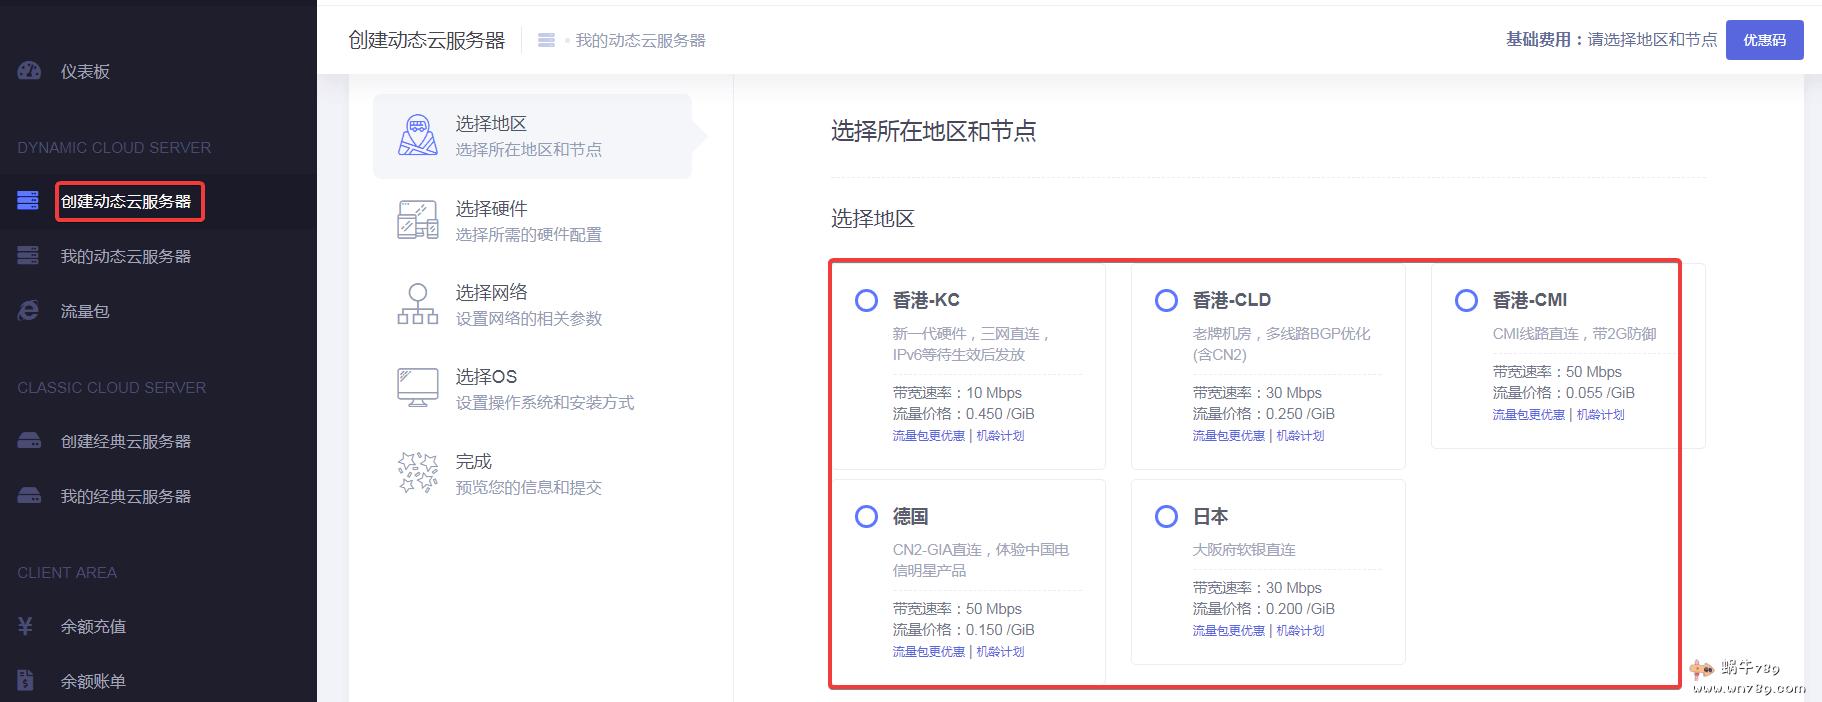 狗云DogYun新春抽奖活动,每日100%抽余额/优惠码/流量包,按小时计费云服务器插图1